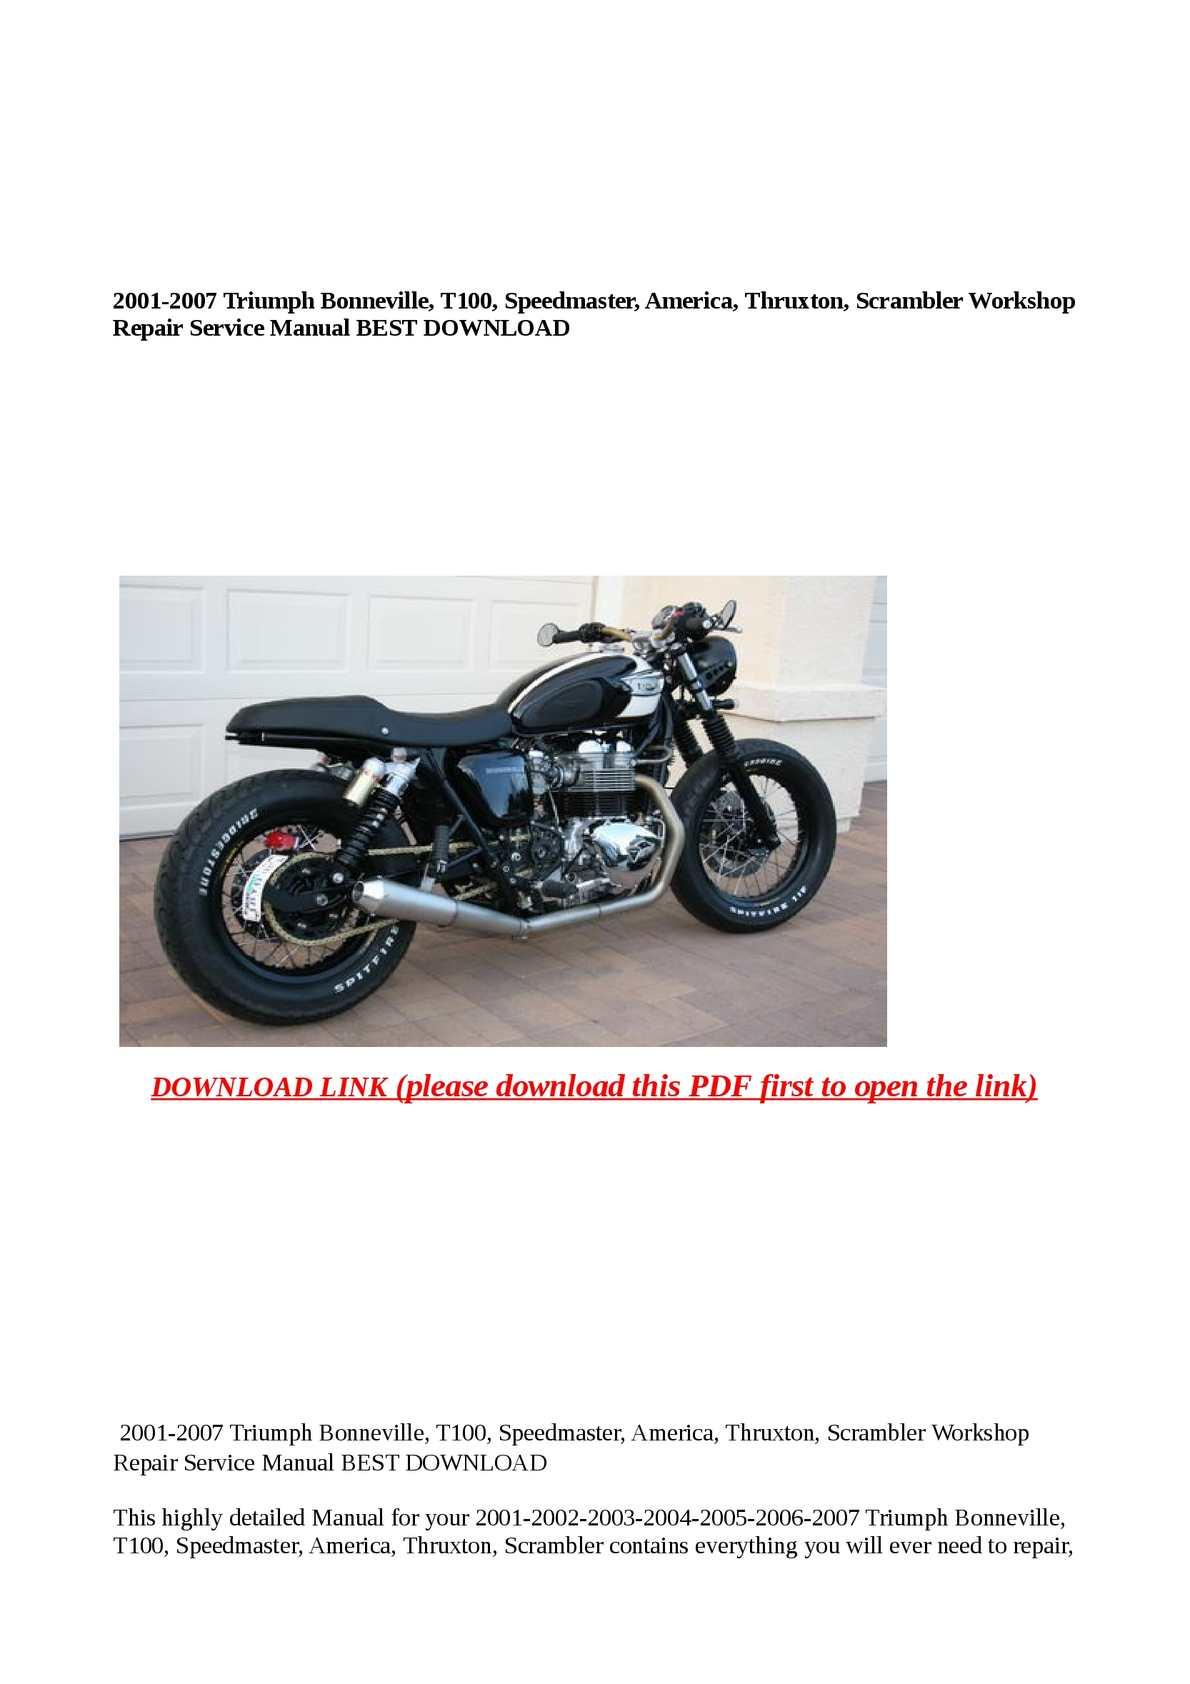 triumph bonneville maintenance manual